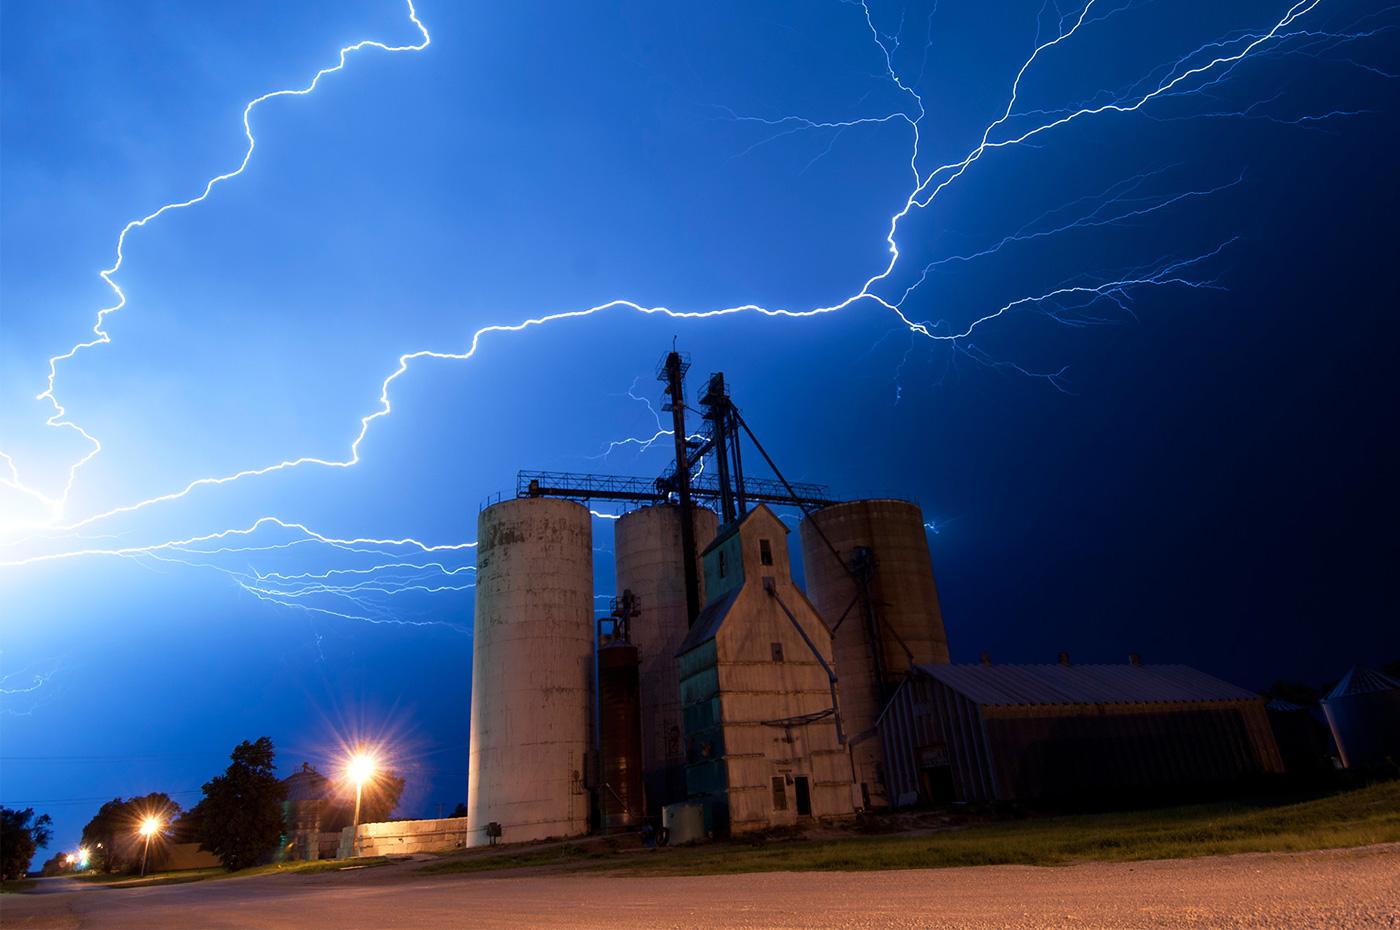 Rural Lightning